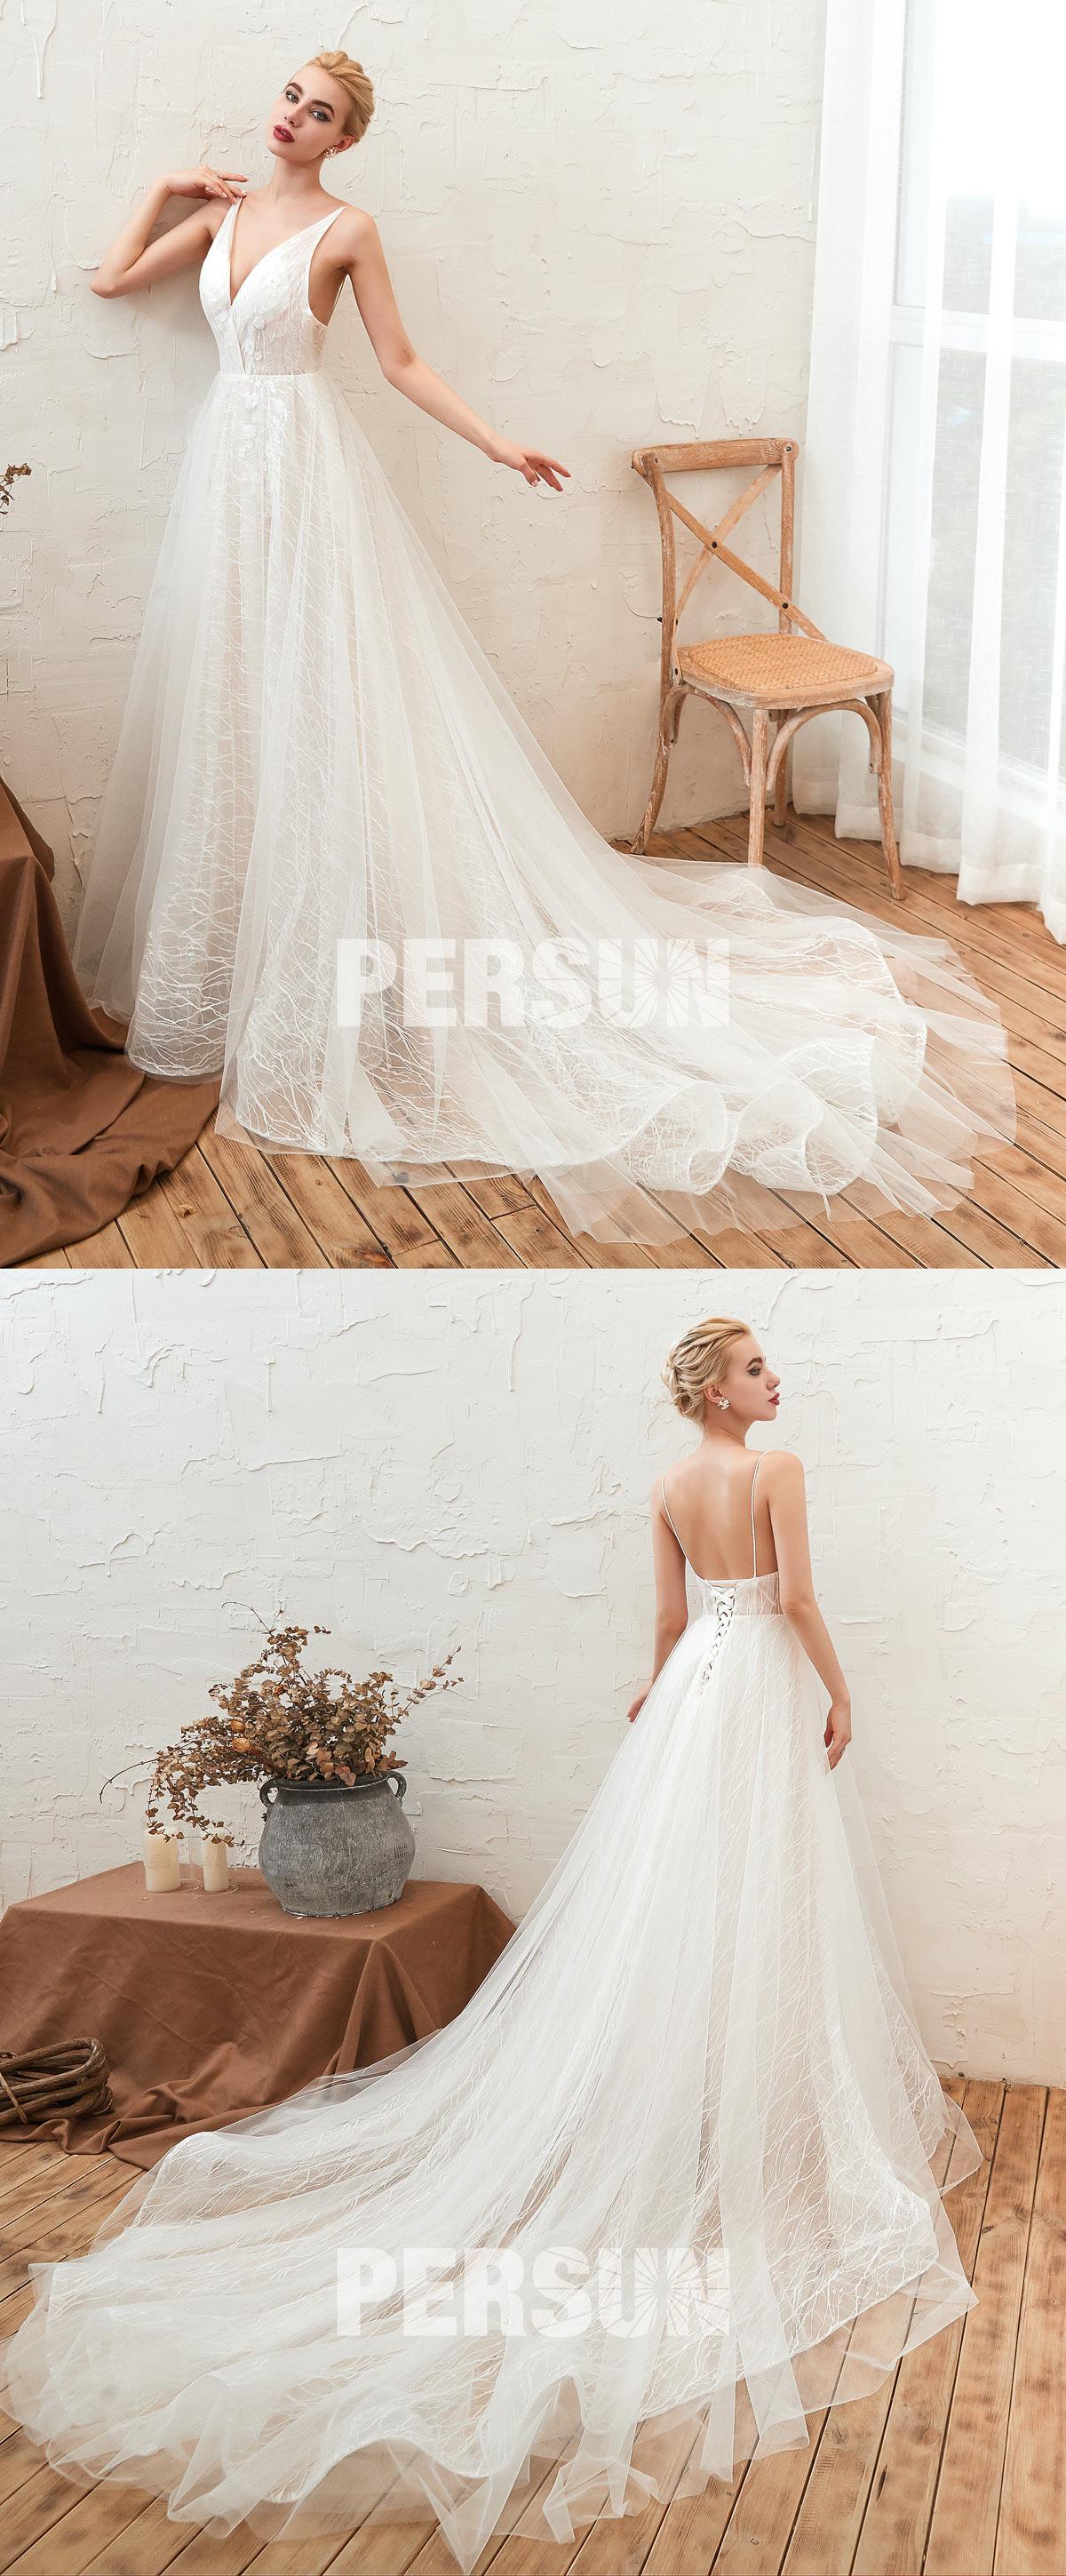 robe de mariée livraison rapide pas cher